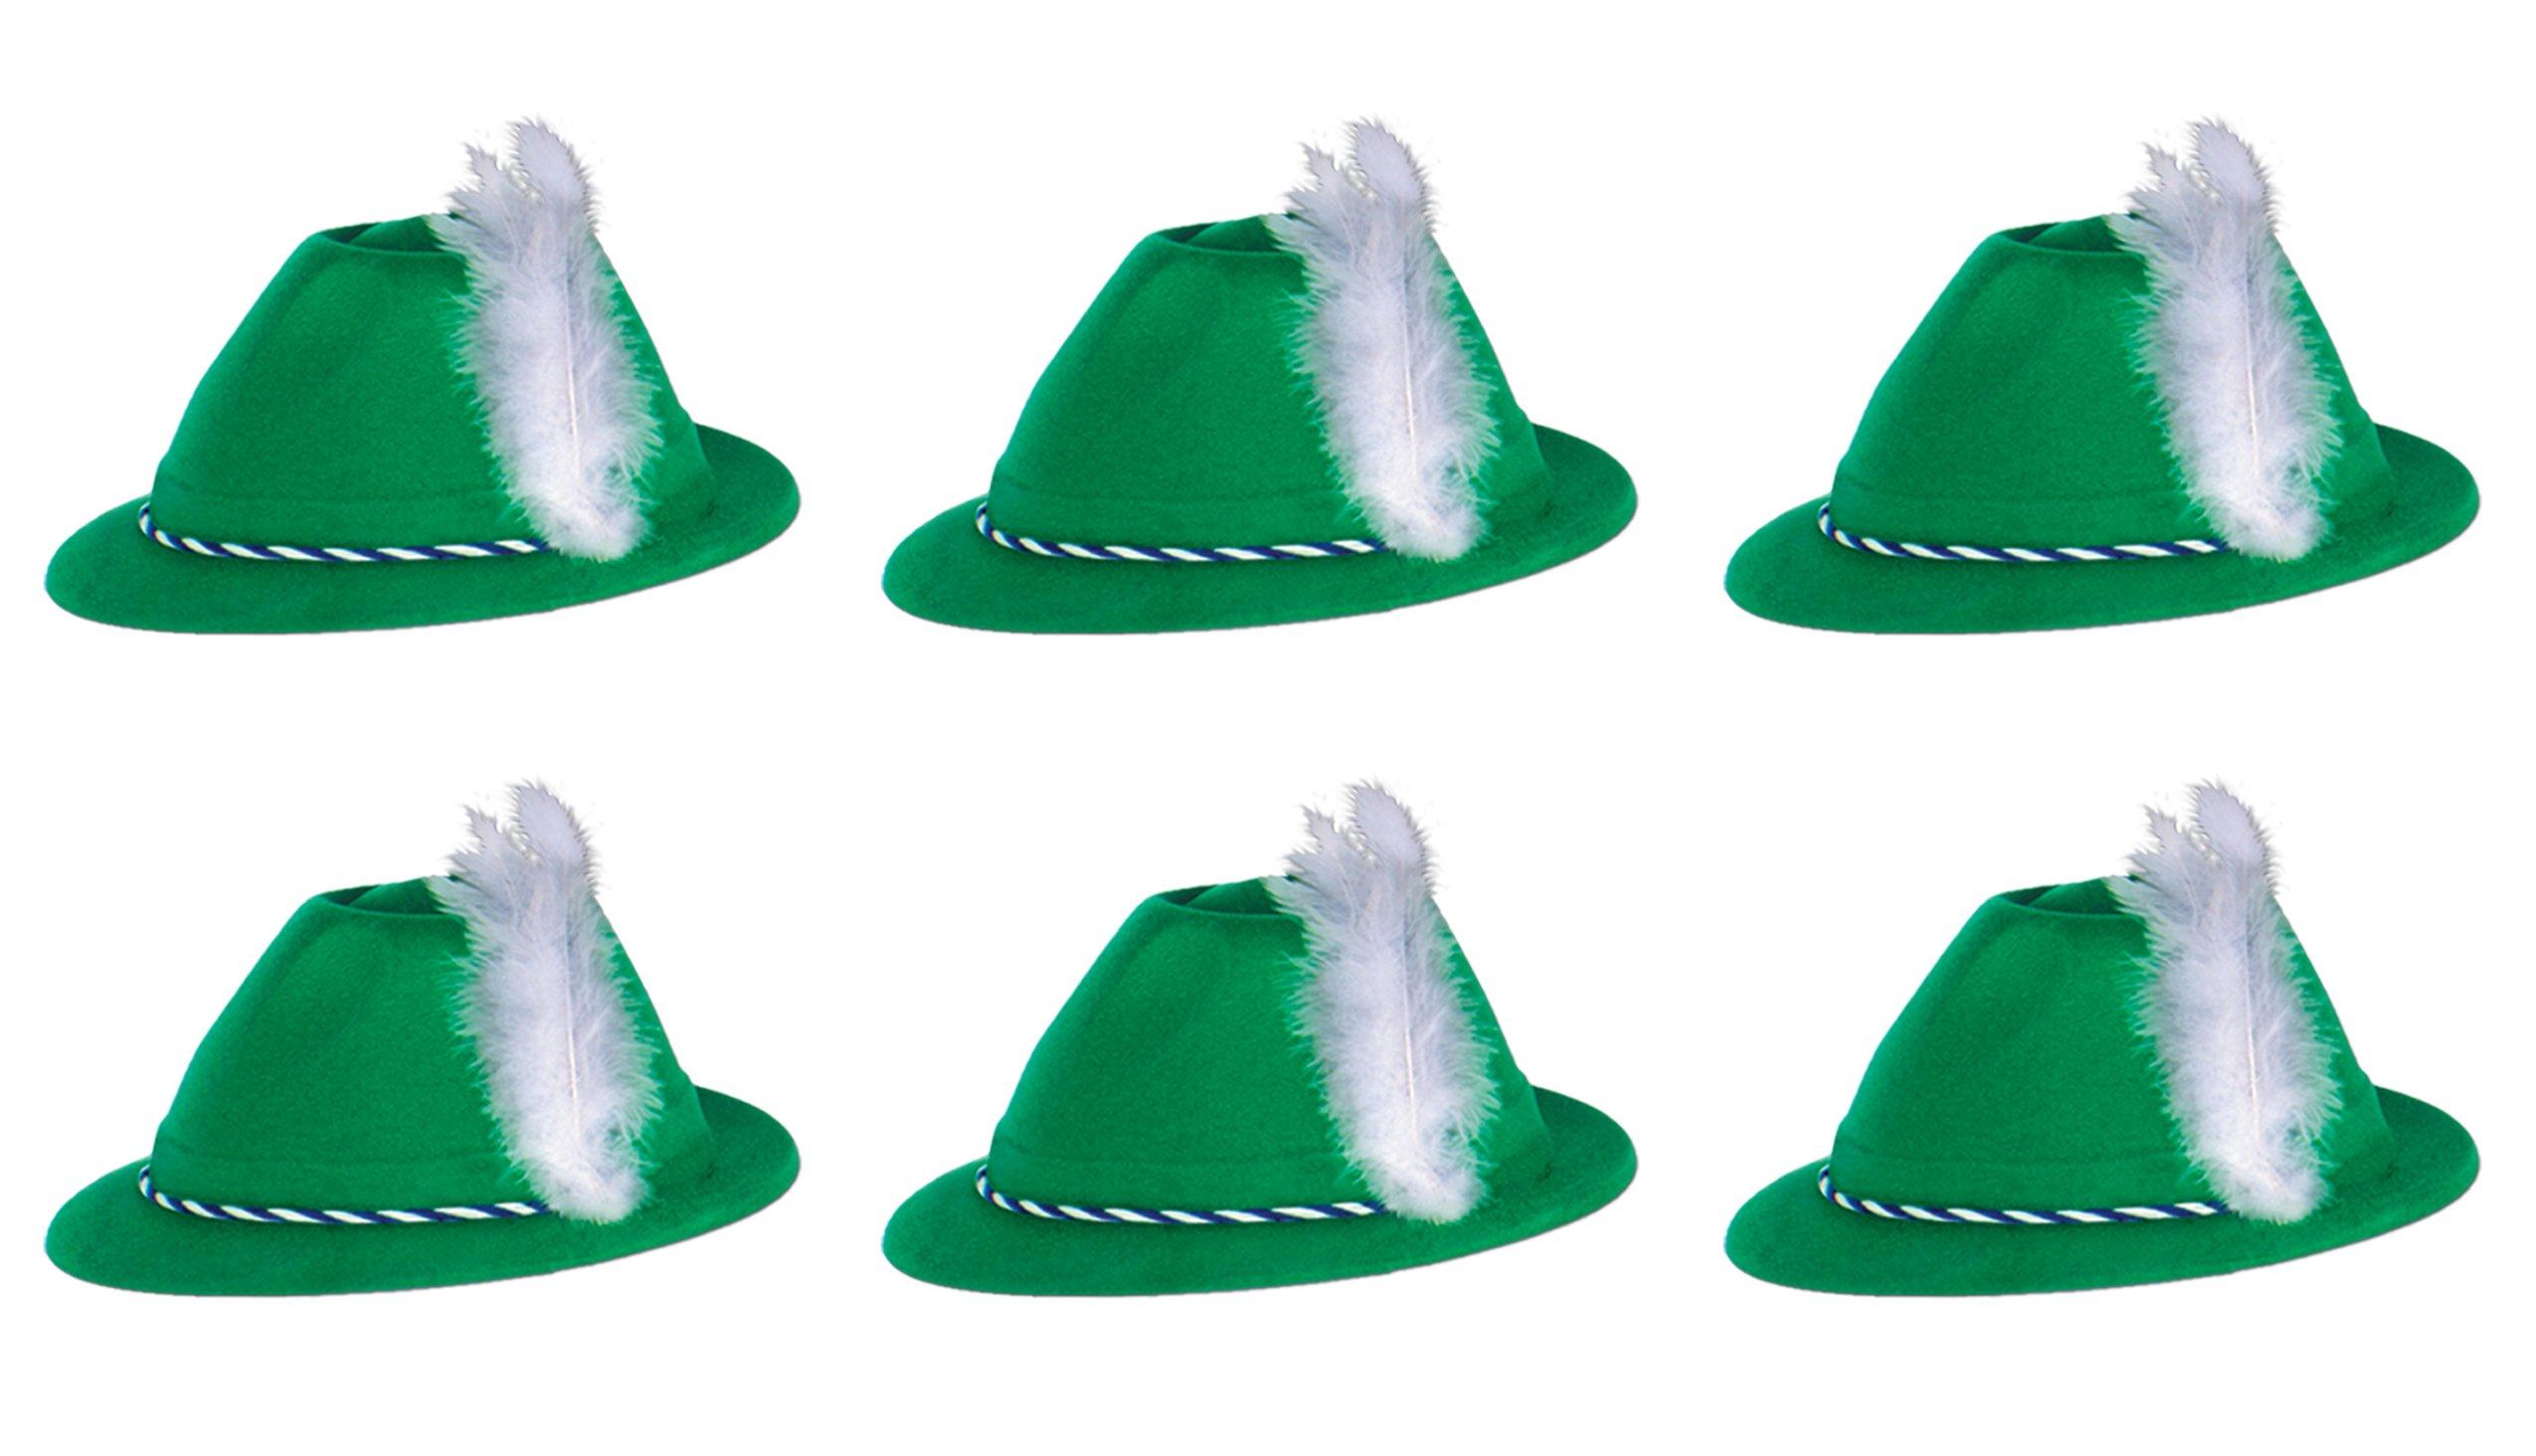 Beistle S66898AZ6 Green Velour Tyrolean Hats 6 Piece, OSFM, Blue/White